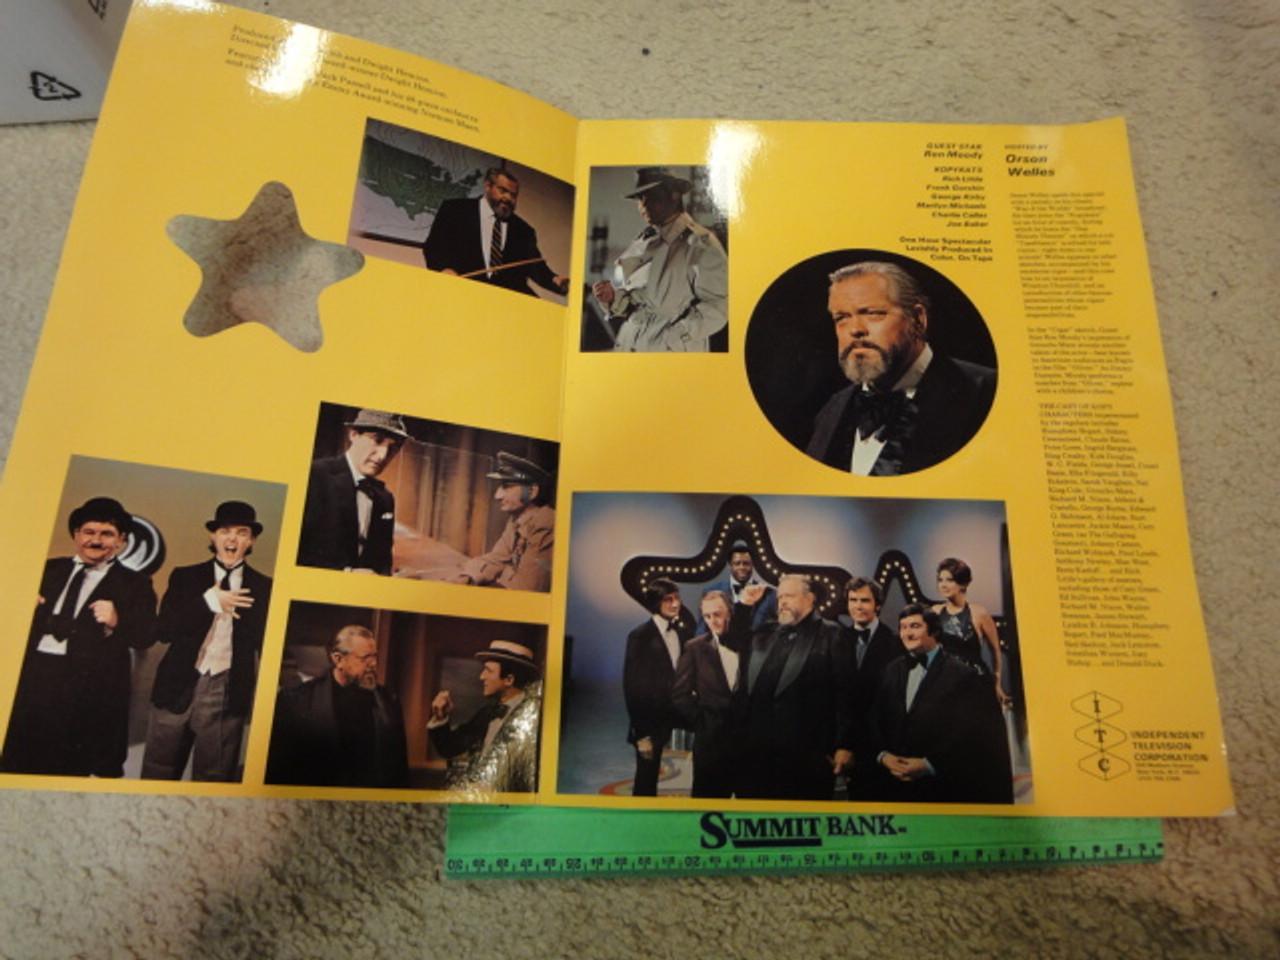 Orson Welles 1972 Kopykats Color Promotional Folder Signed Autograph Photo